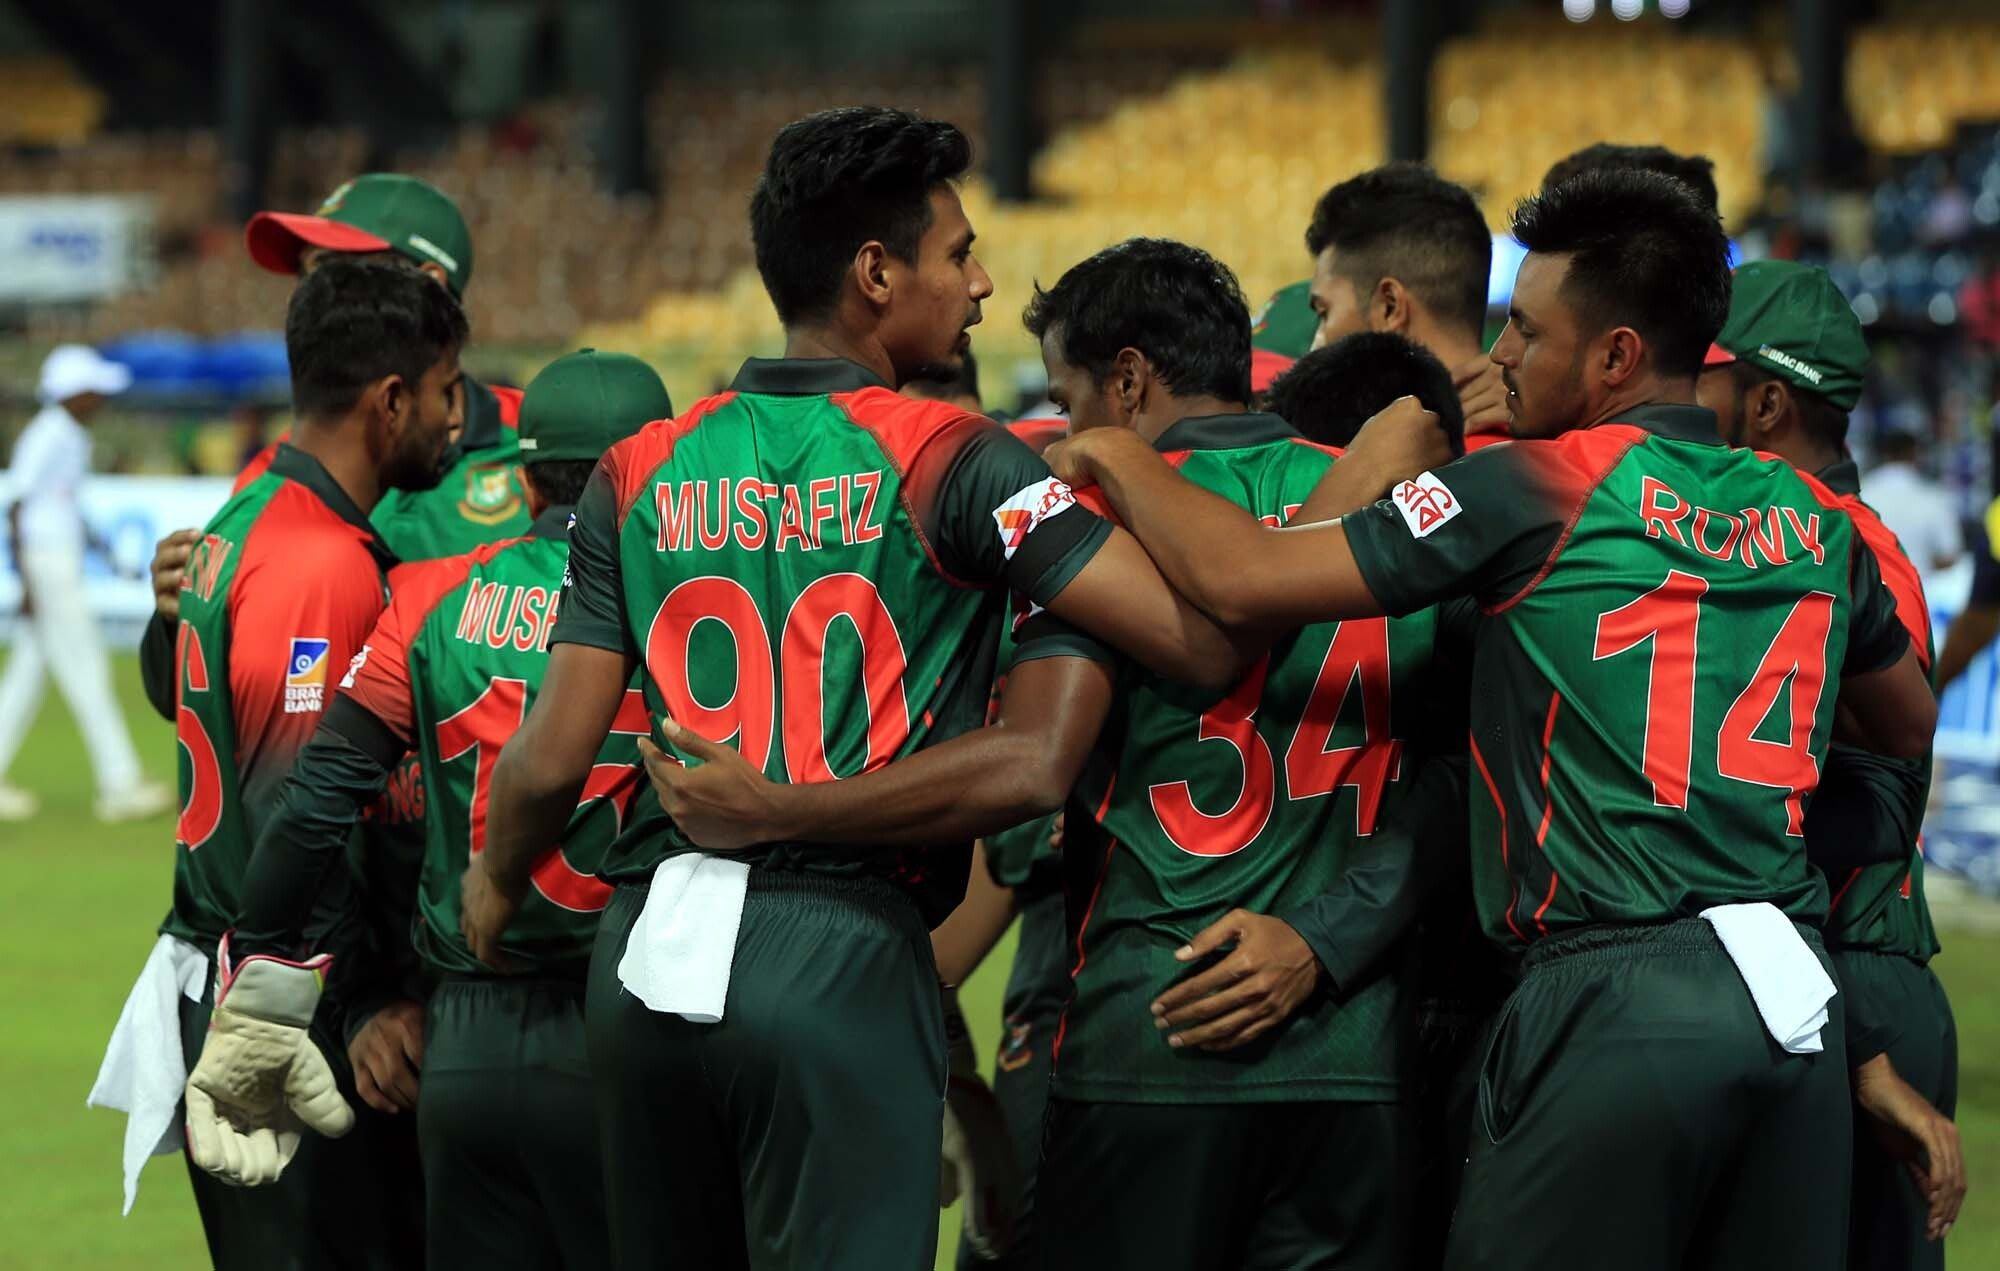 विश्व कप 2019: 3 कारण क्यों बांग्लादेश टूर्नामेंट के सेमीफाइनल में जगह बना सकती है 14